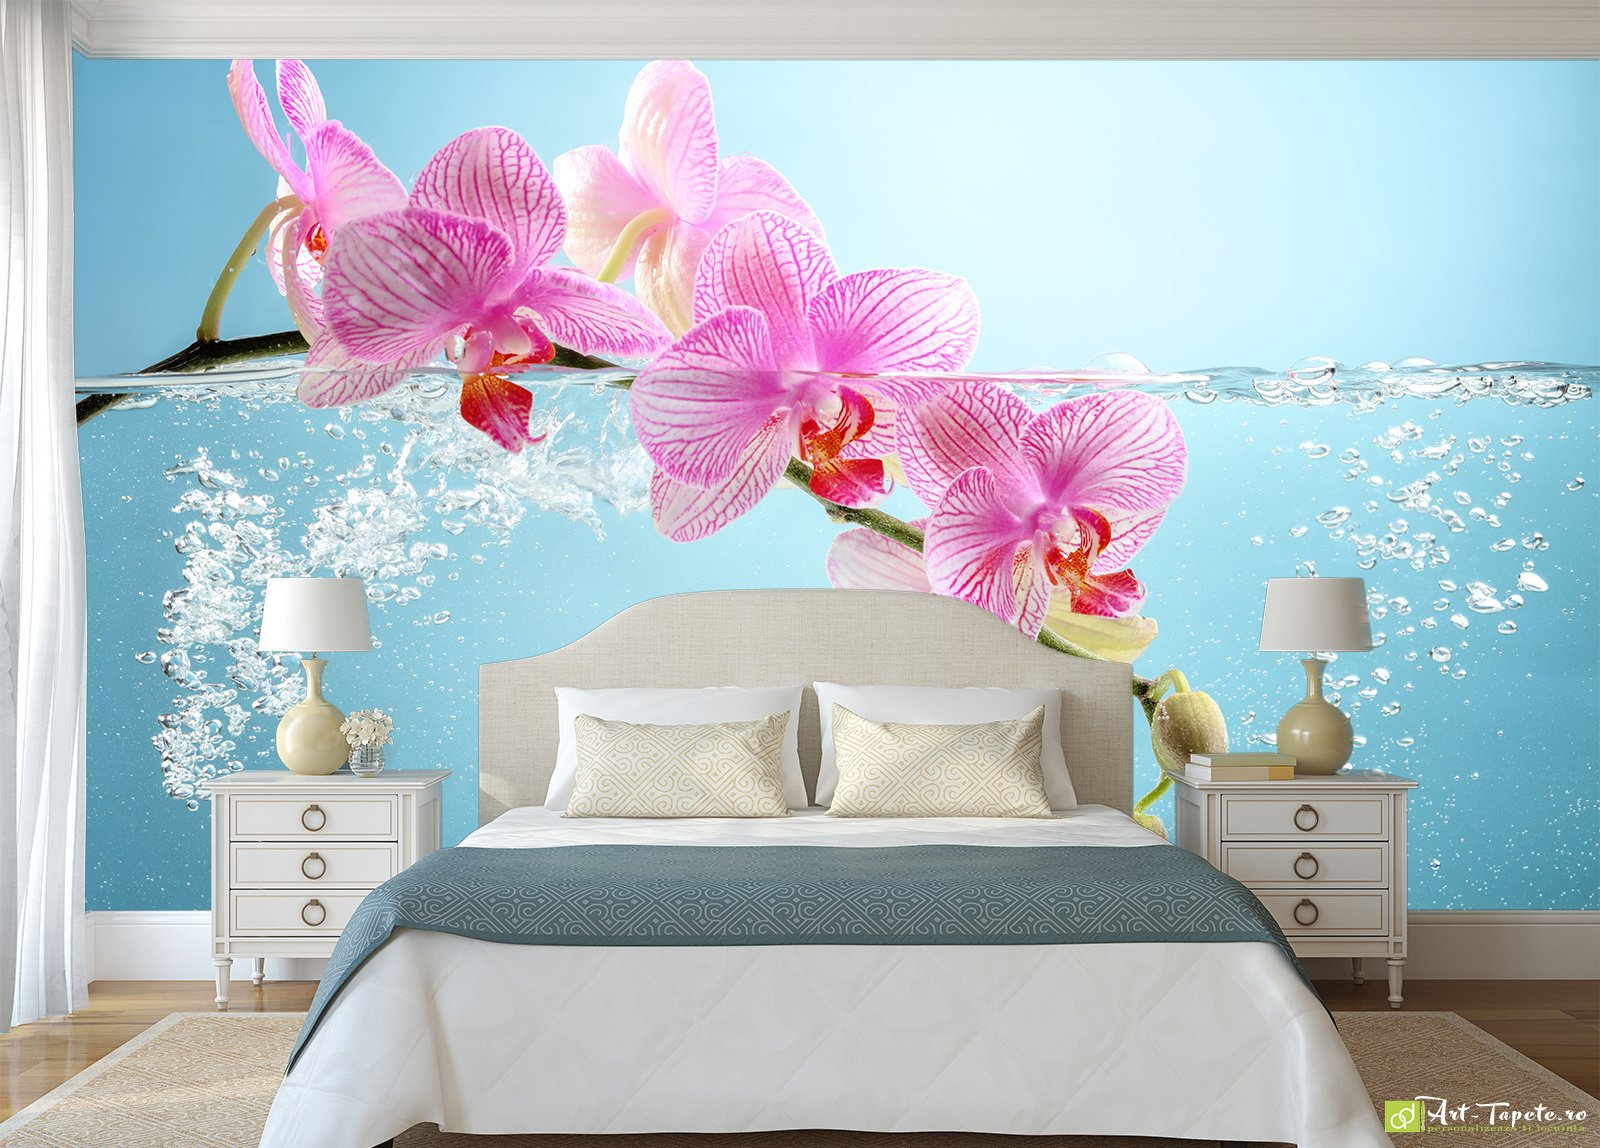 рыбки фотообои розовые орхидеи к каким обоям подойдут неё пытались есть